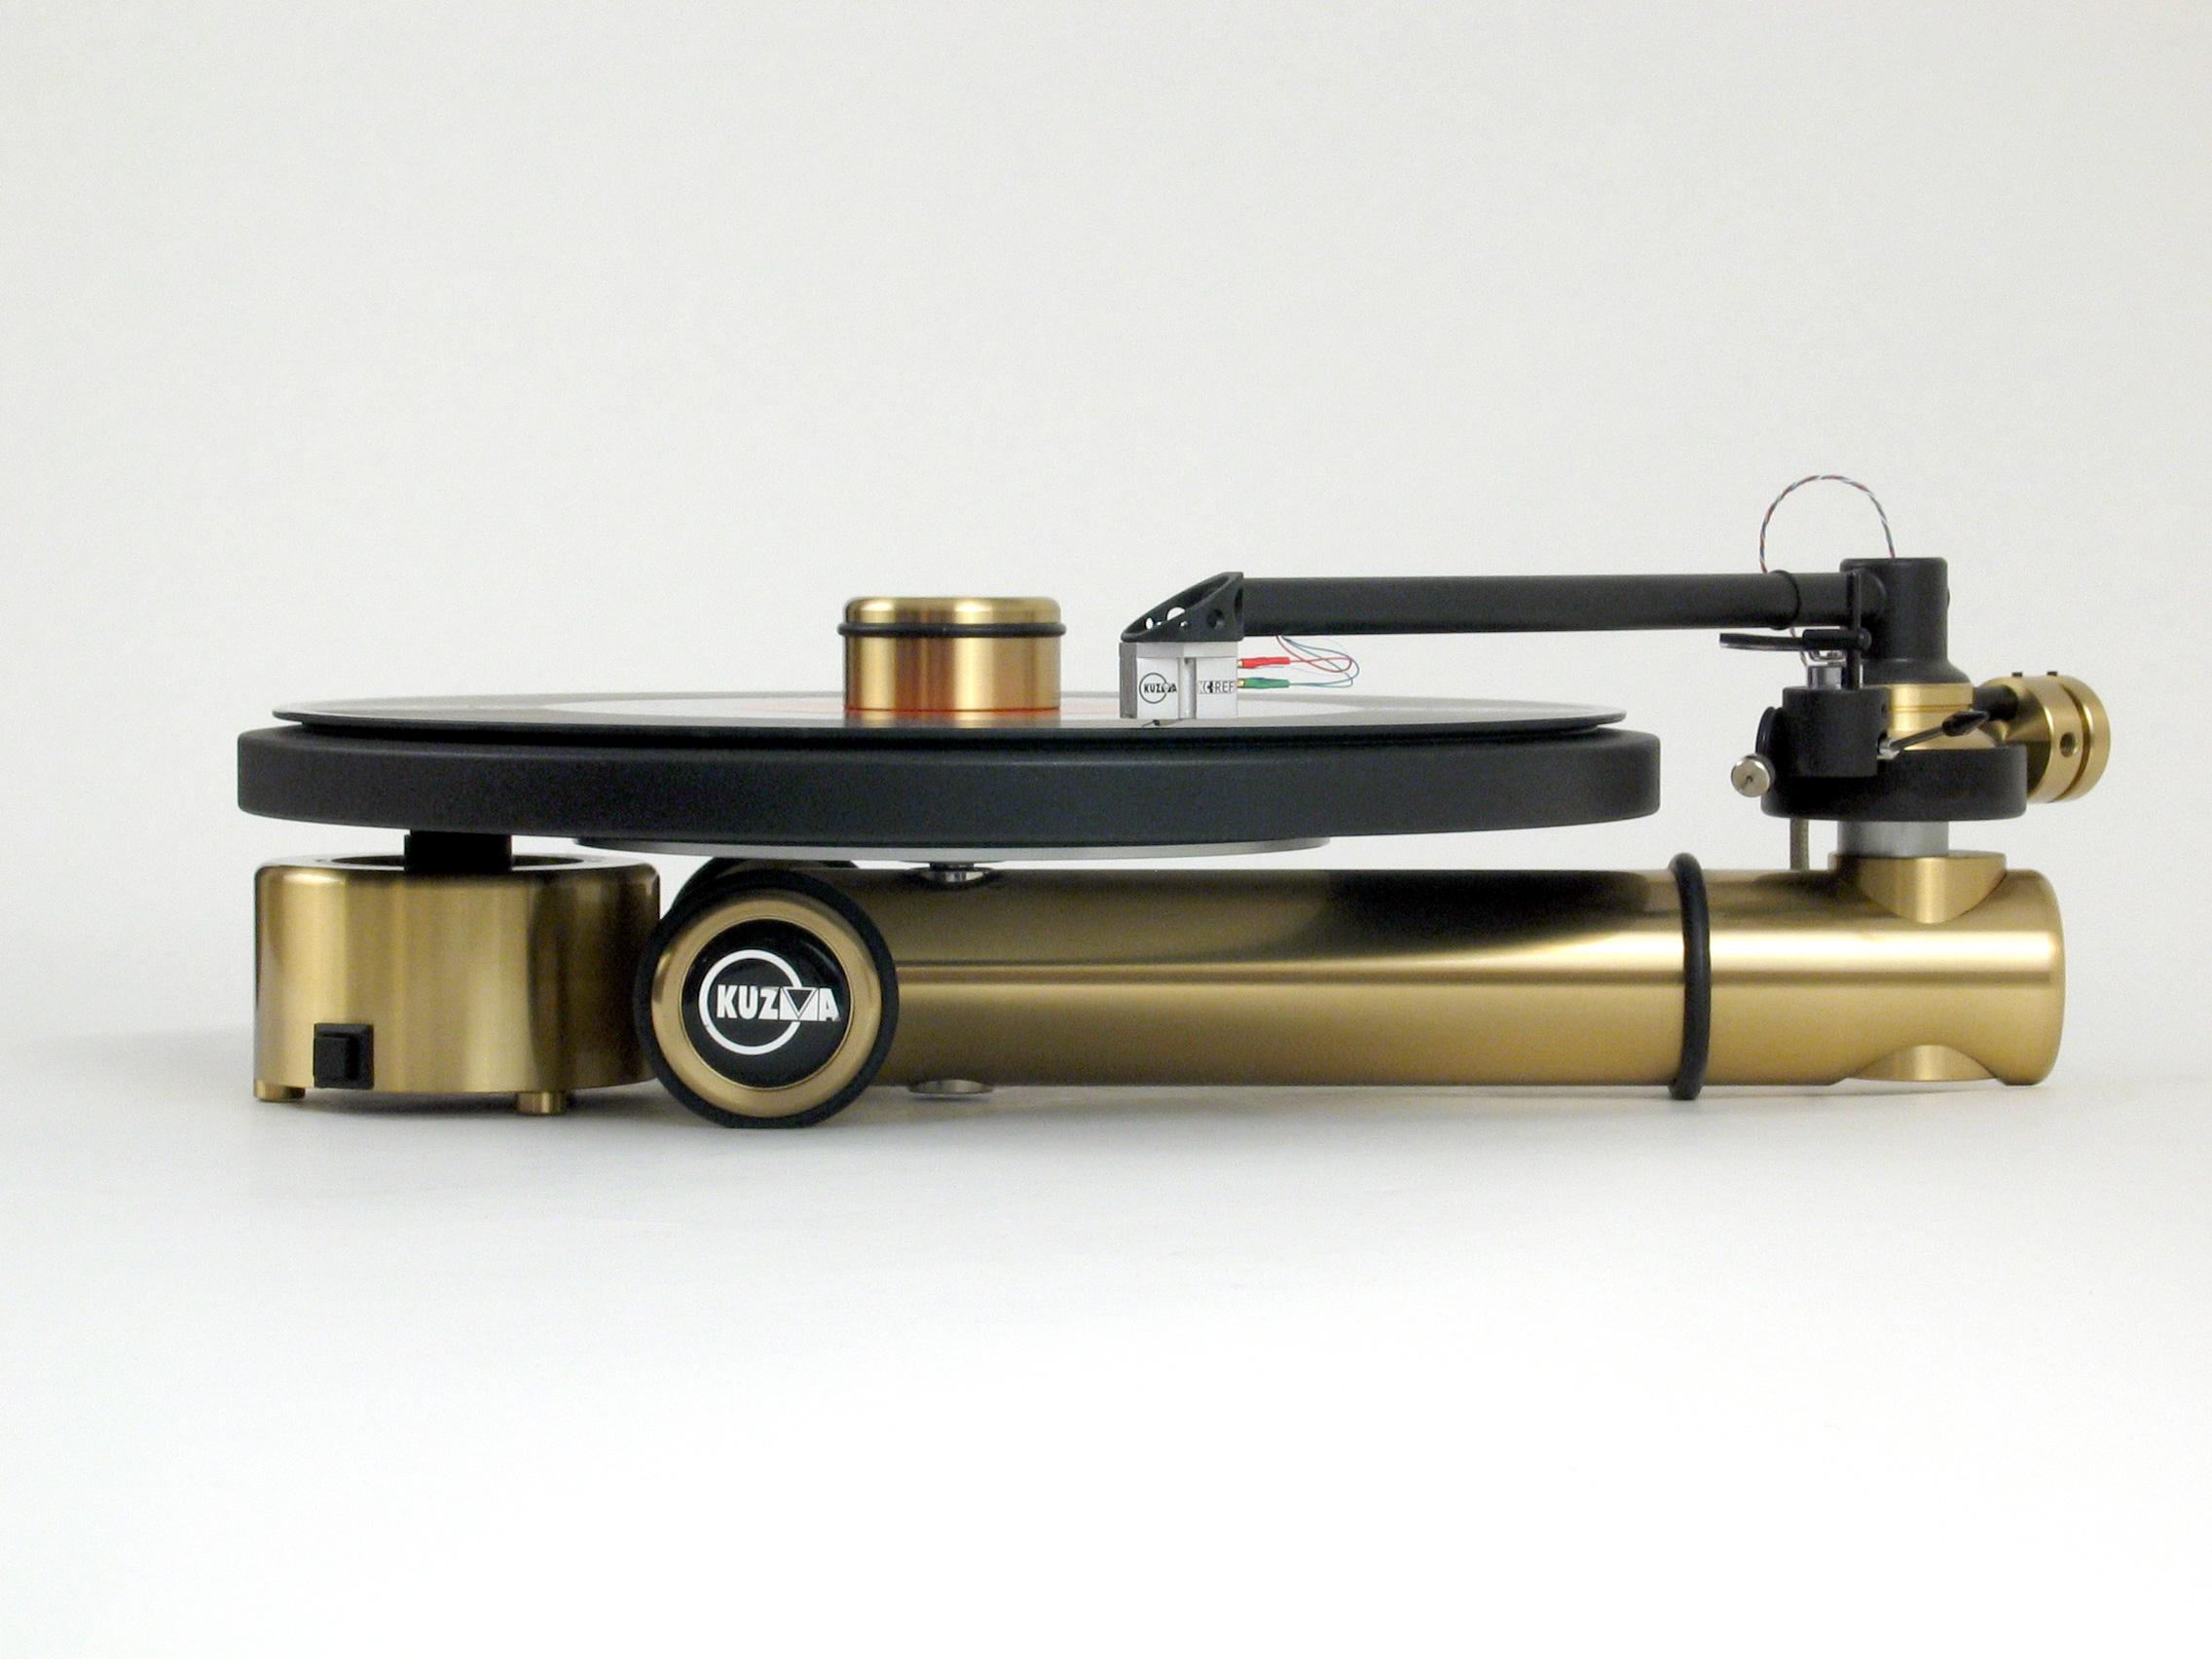 Kuzma Stogi S Turntable at True Audiophile